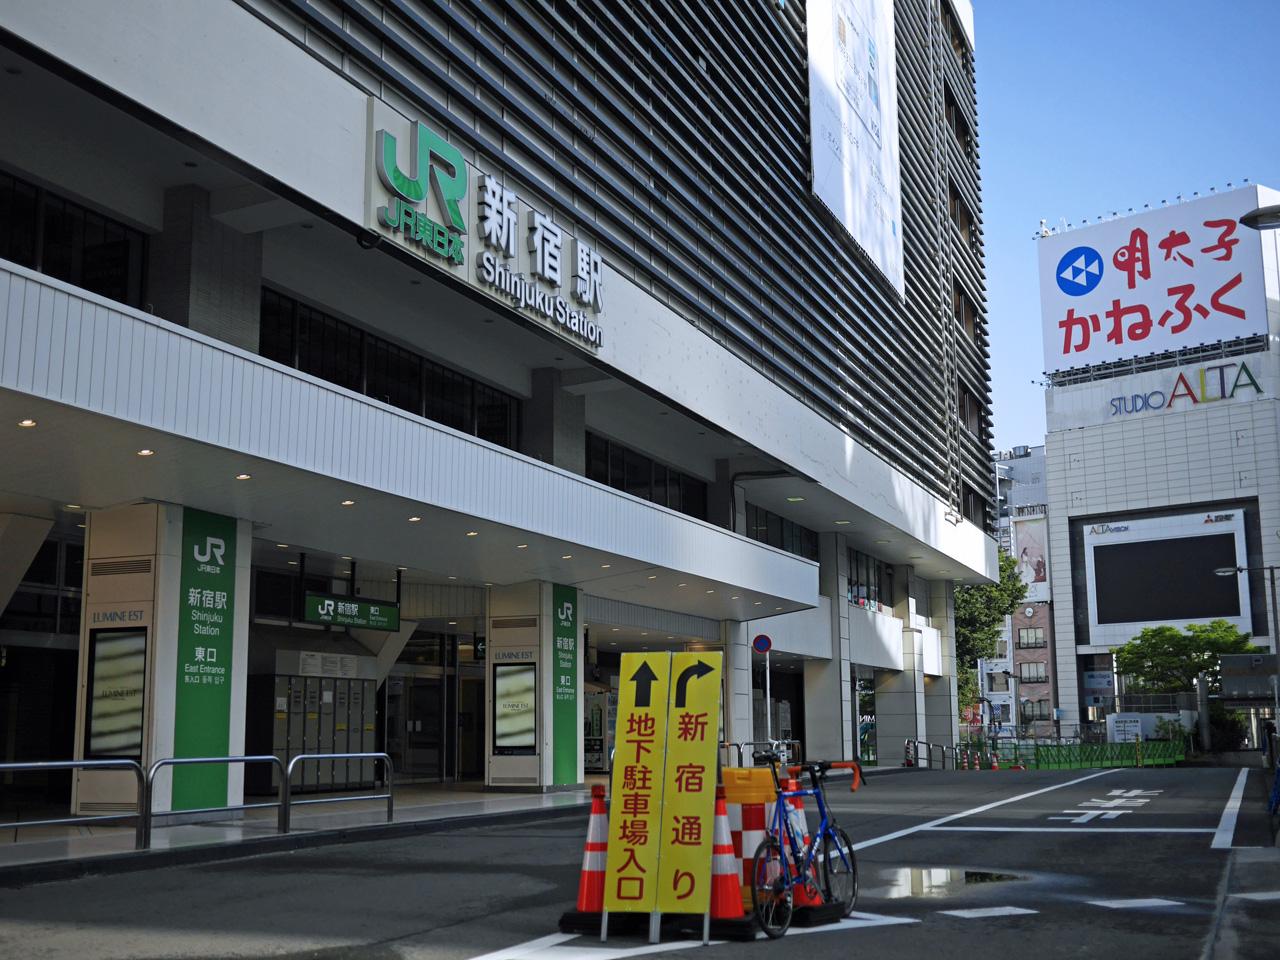 新宿駅東口からアルタを見る